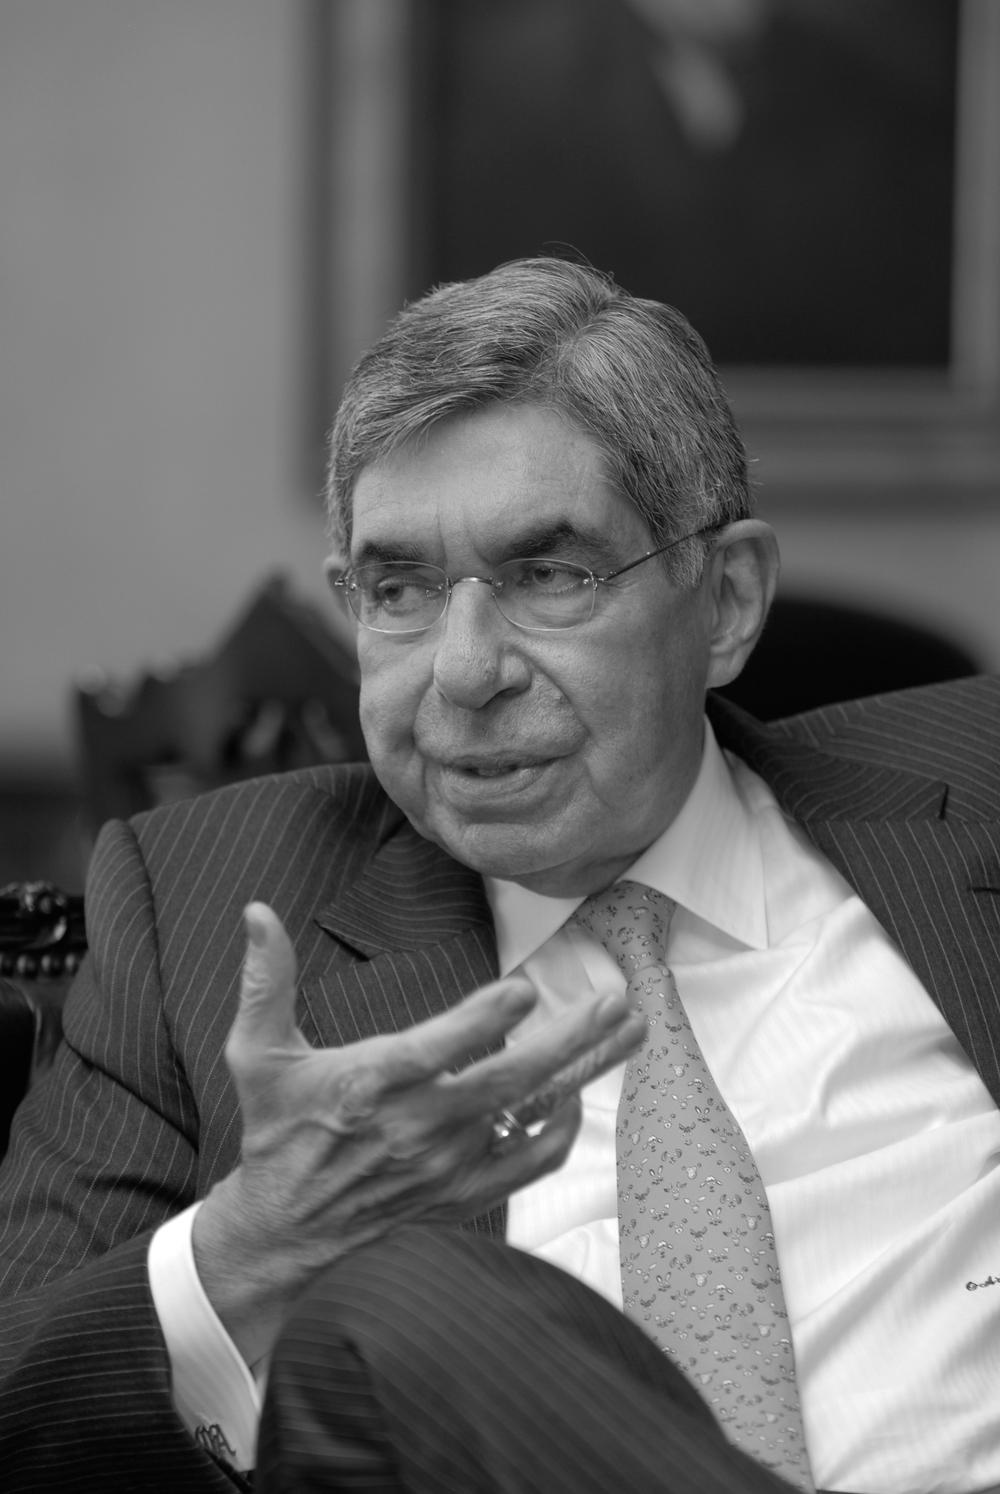 """Oscar Arias, Costa Rica (1986-1990/2006-2010)  """"Honrar la deuda con la democracia quiere decir mucho más que promulgar constituciones políticas, firmar cartas democráticas o celebrar elecciones periódicas. Quiere decir construir una institucionalidad confiable,… Quiere decir garantizar la supremacía de la ley y la vigencia del Estado de Derecho,...""""."""